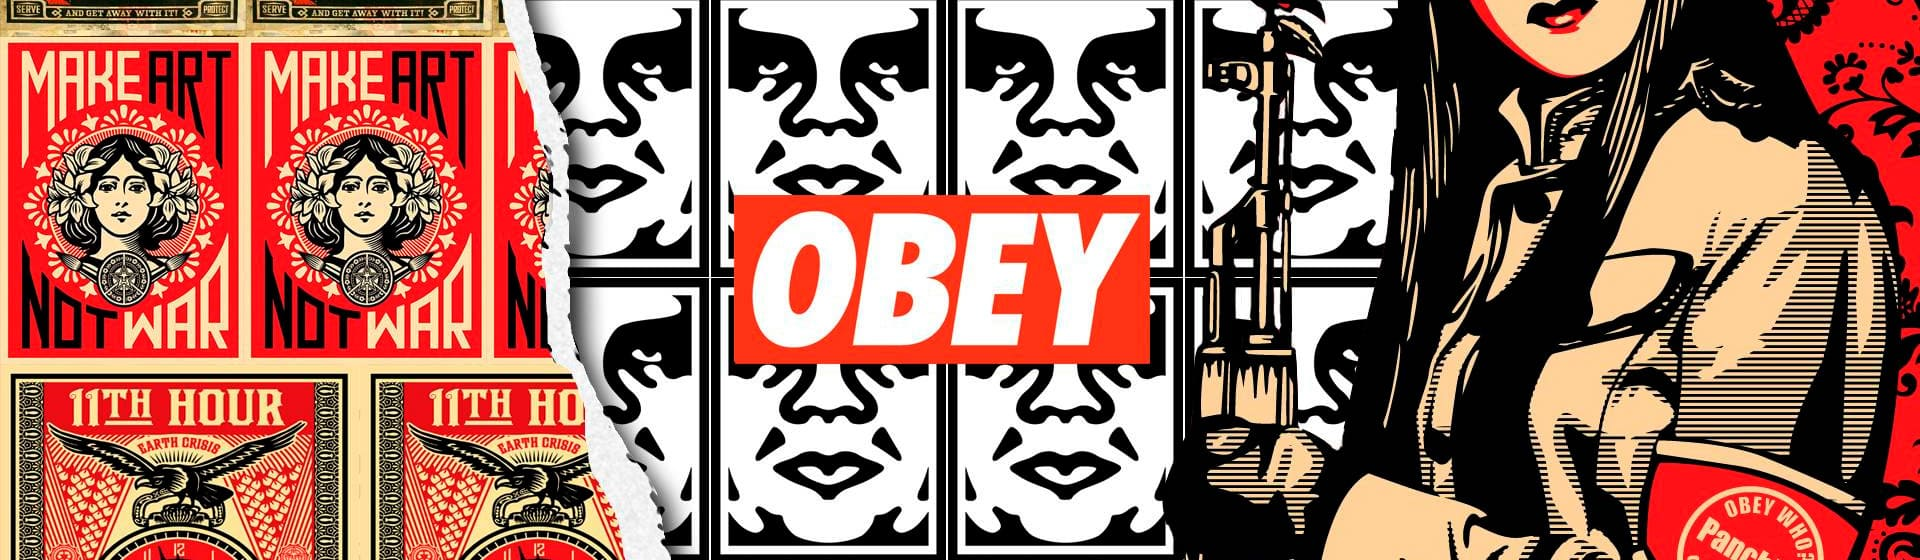 Obey - Мерч и одежда с атрибутикой